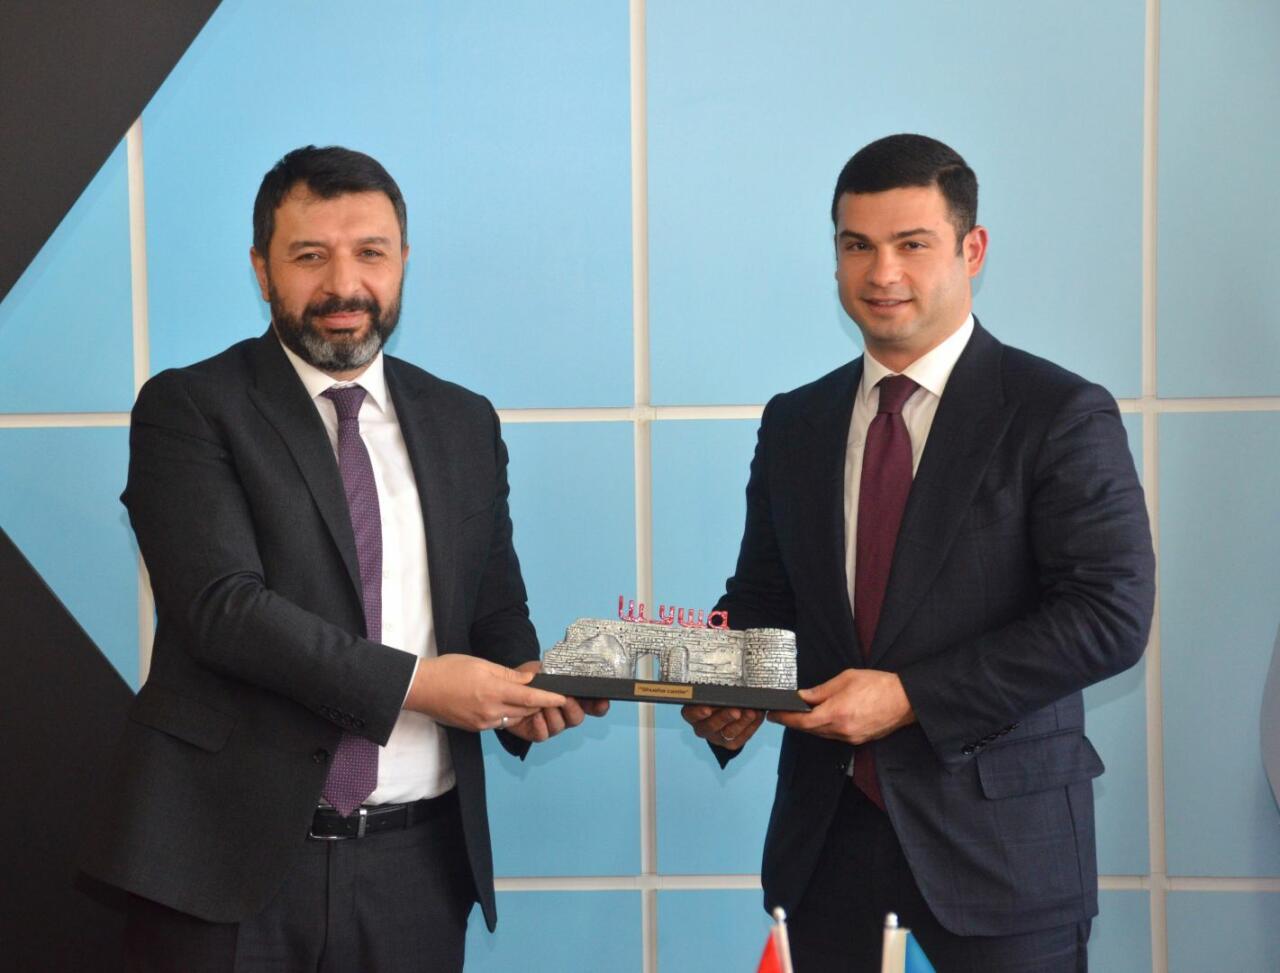 Агентства по развитию МСБ Азербайджана и Турции провели встречу